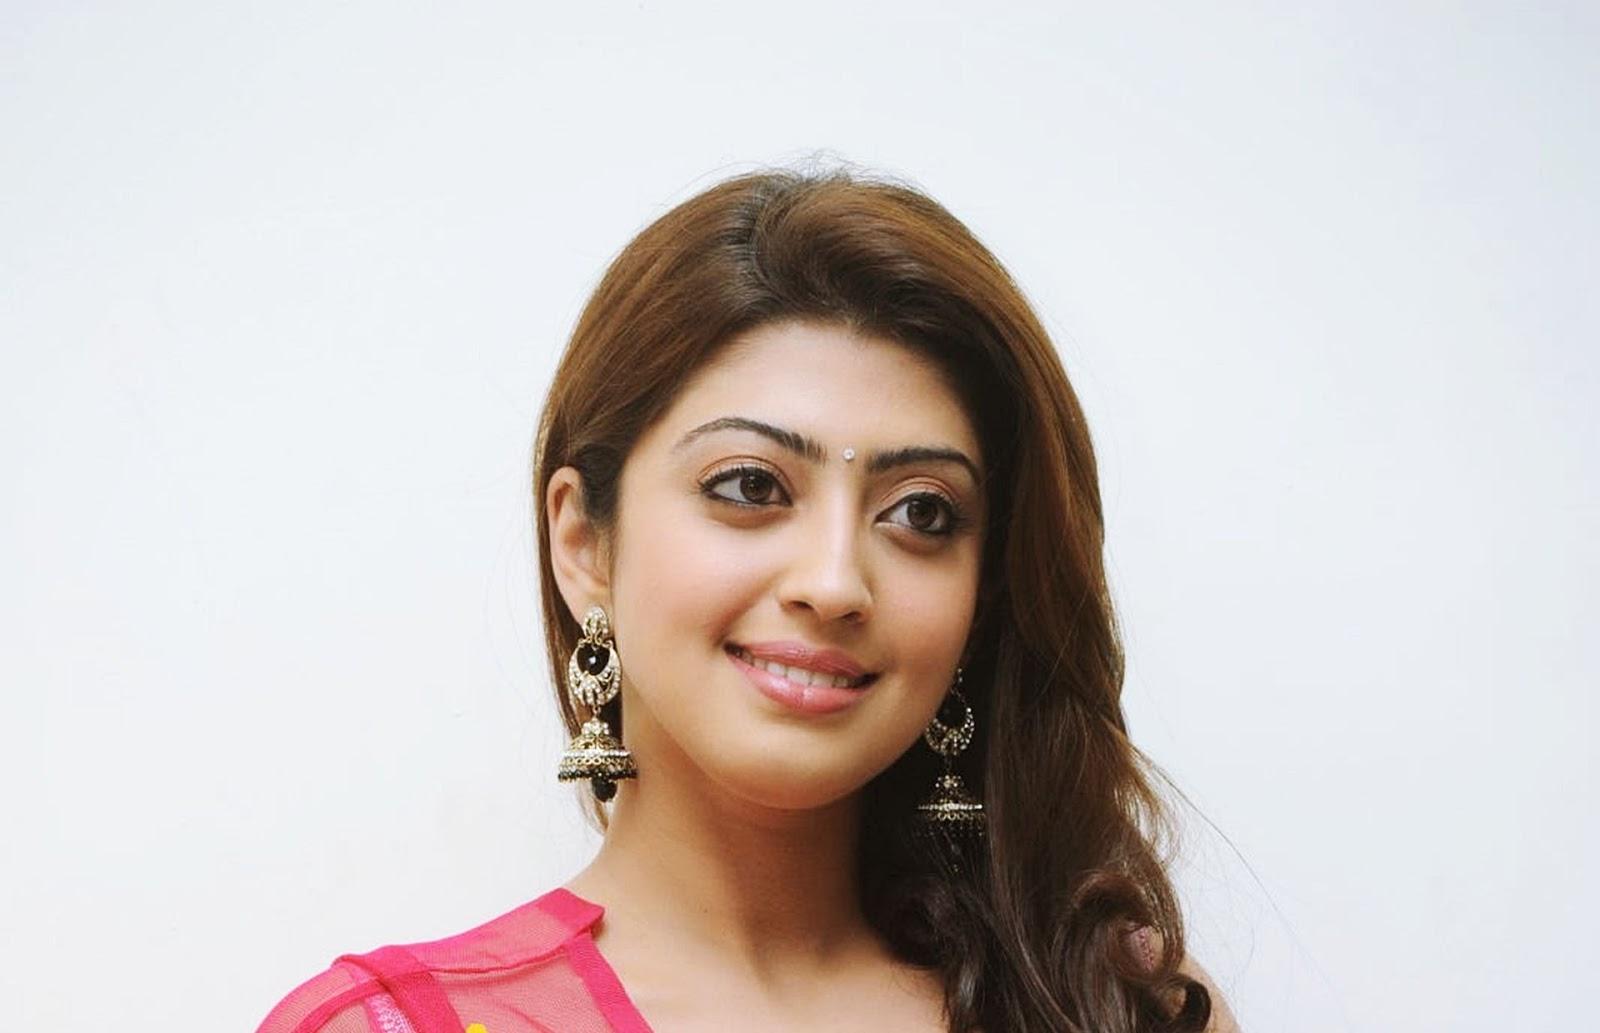 Pranitha Filmography Pranitha Subhash Profi...